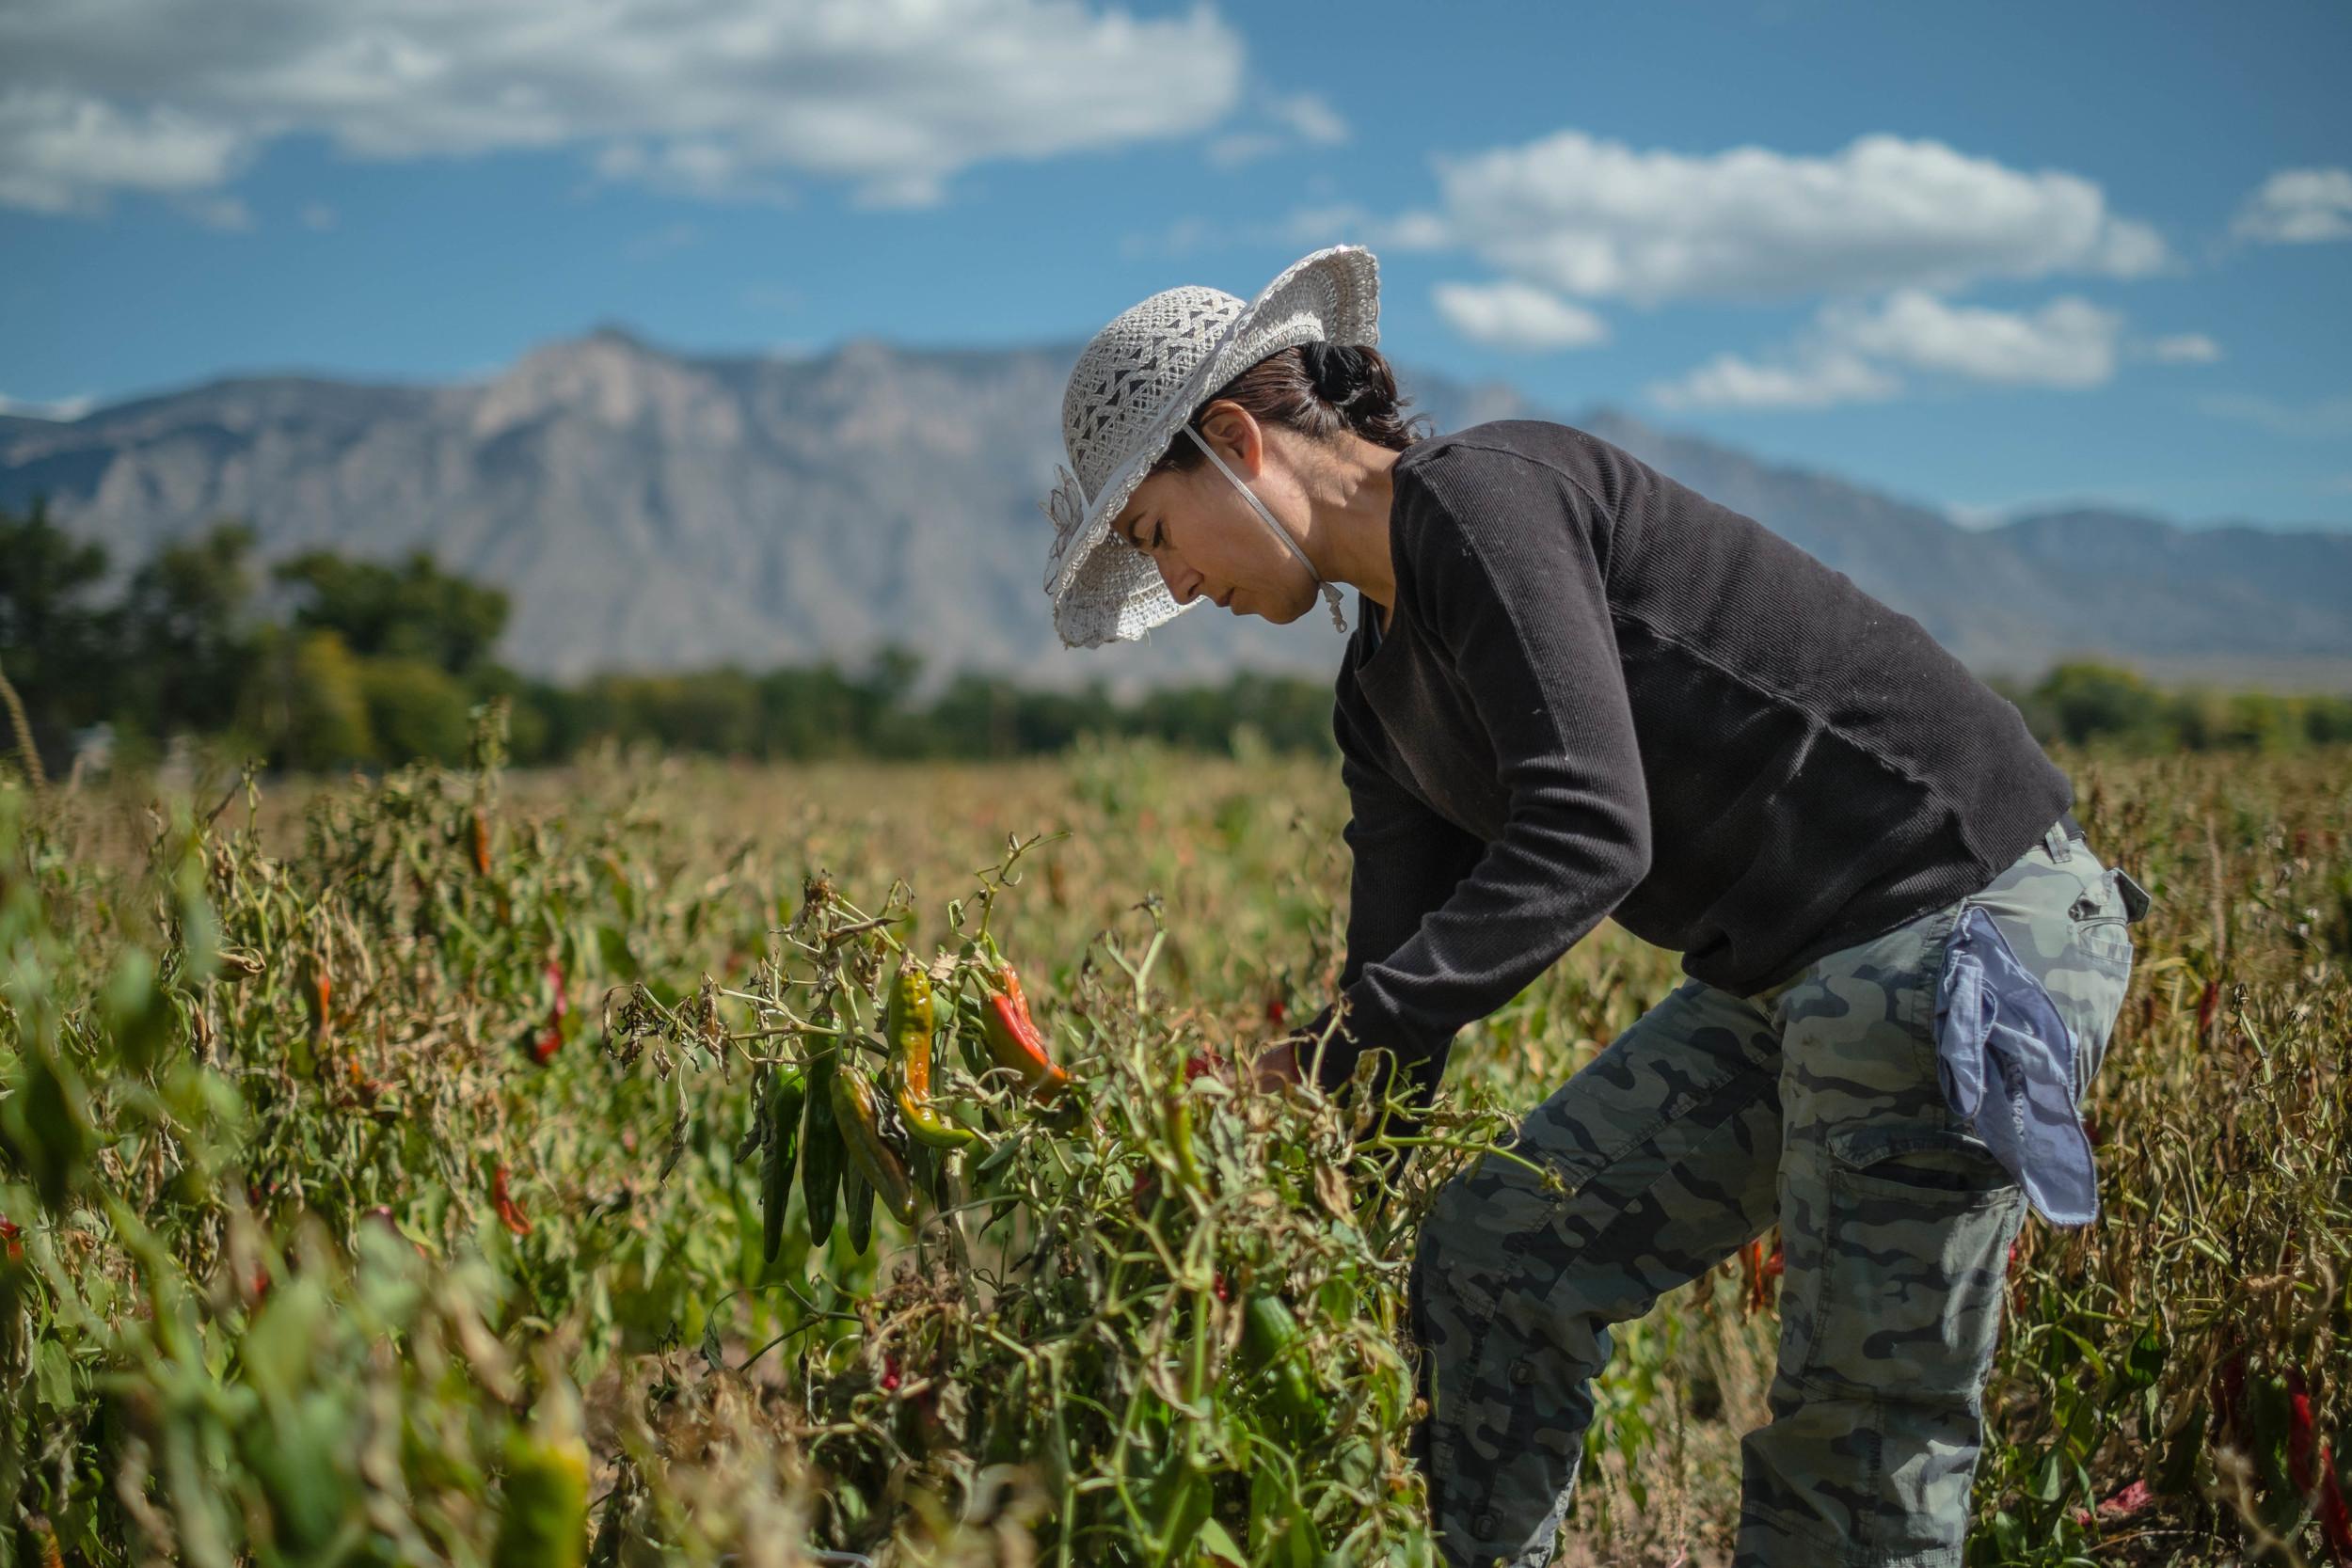 Leticia Orduno harvests chile in Corrales, New Mexico